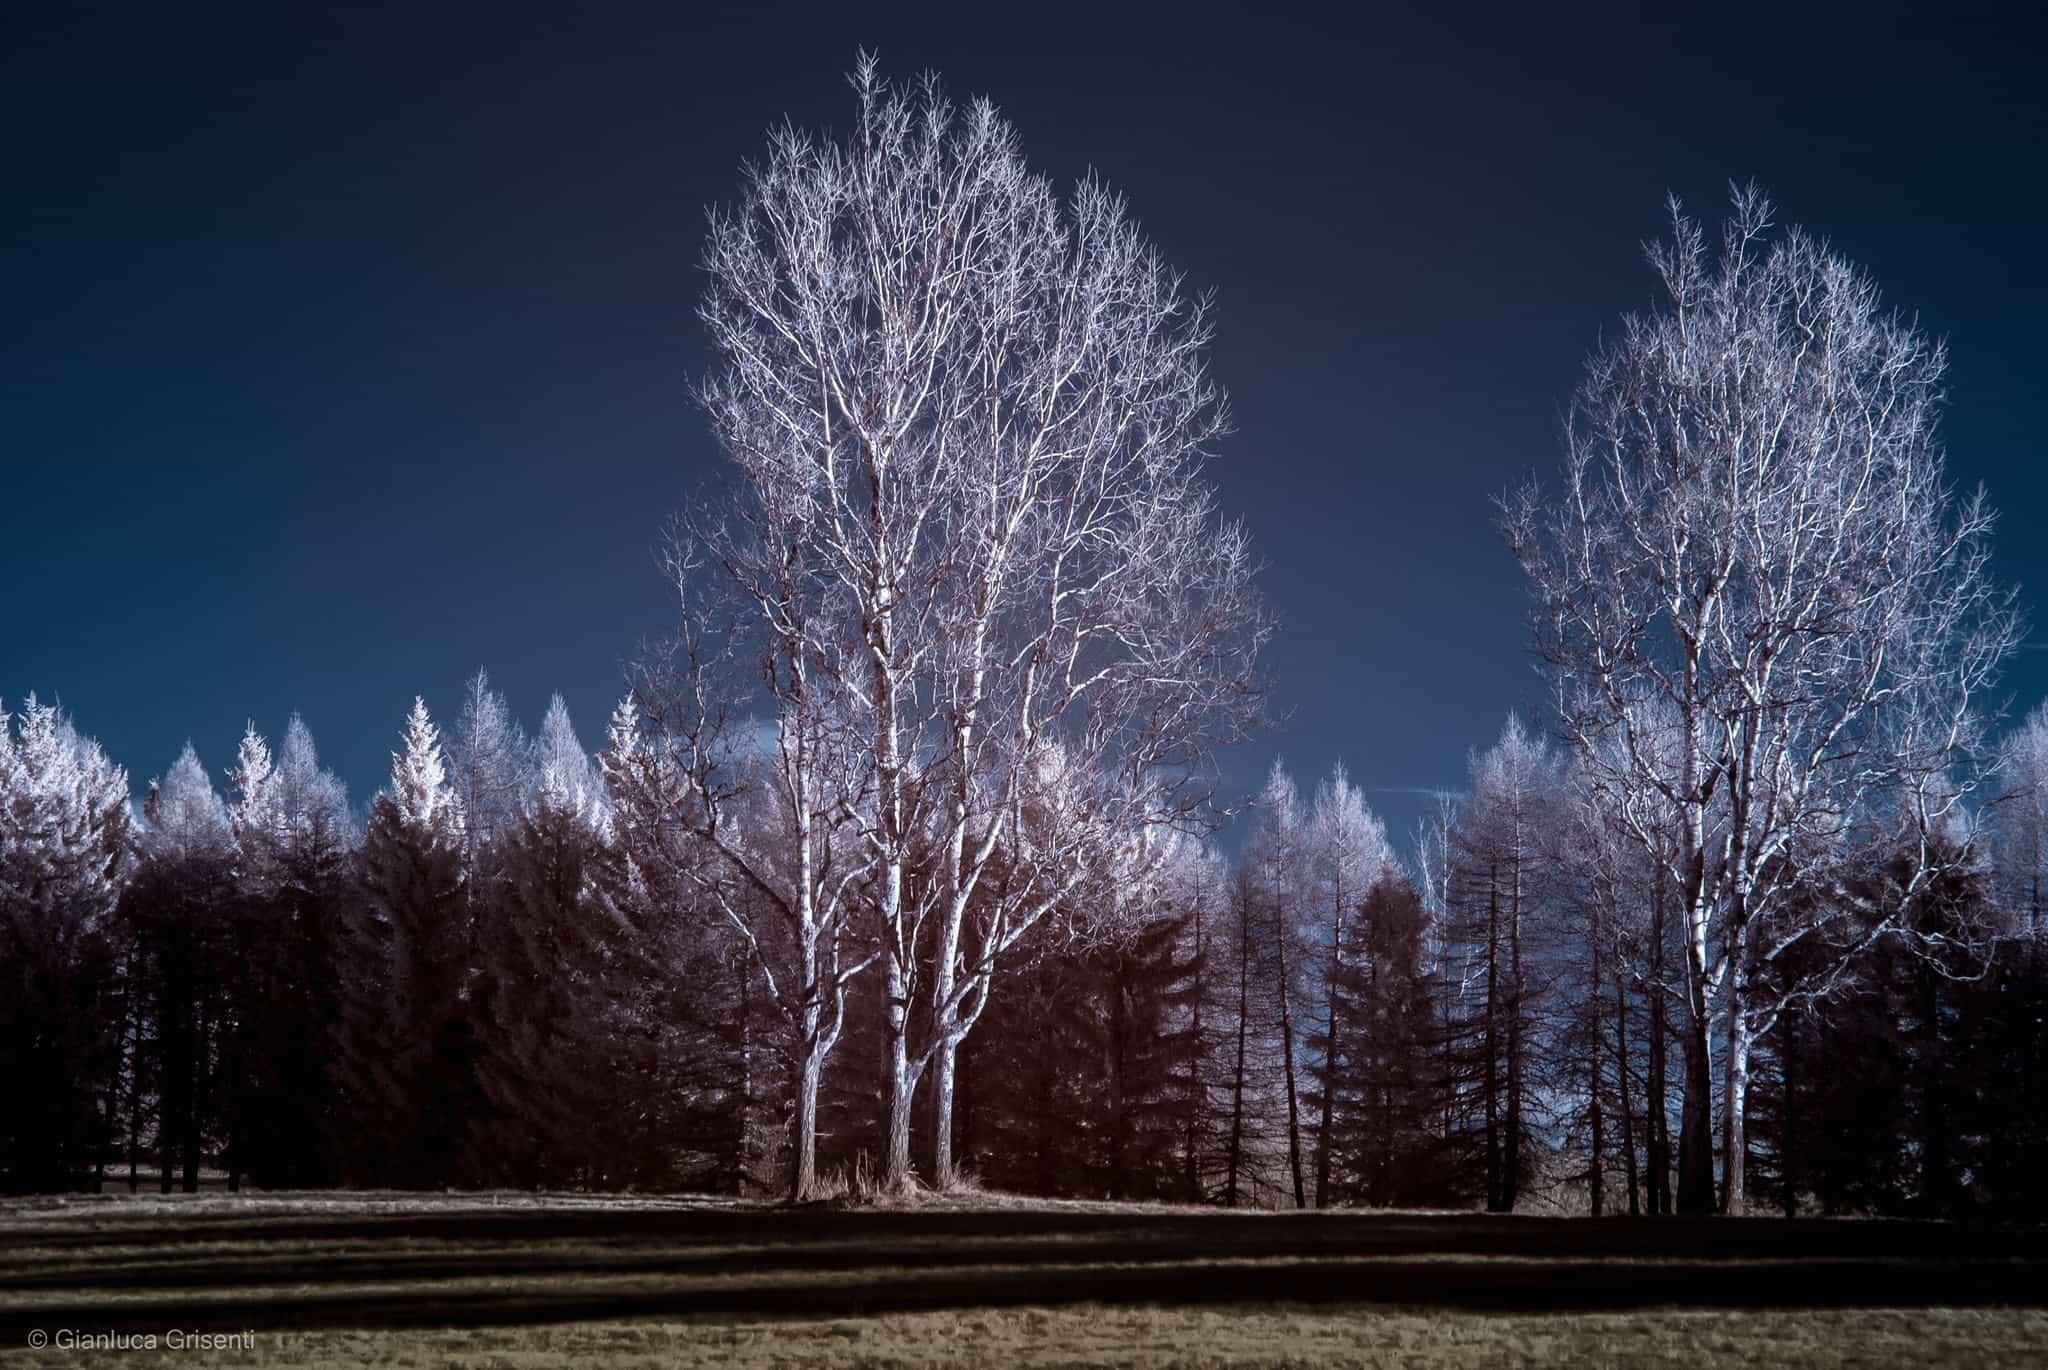 infrarosso, fotografia a infrarossi